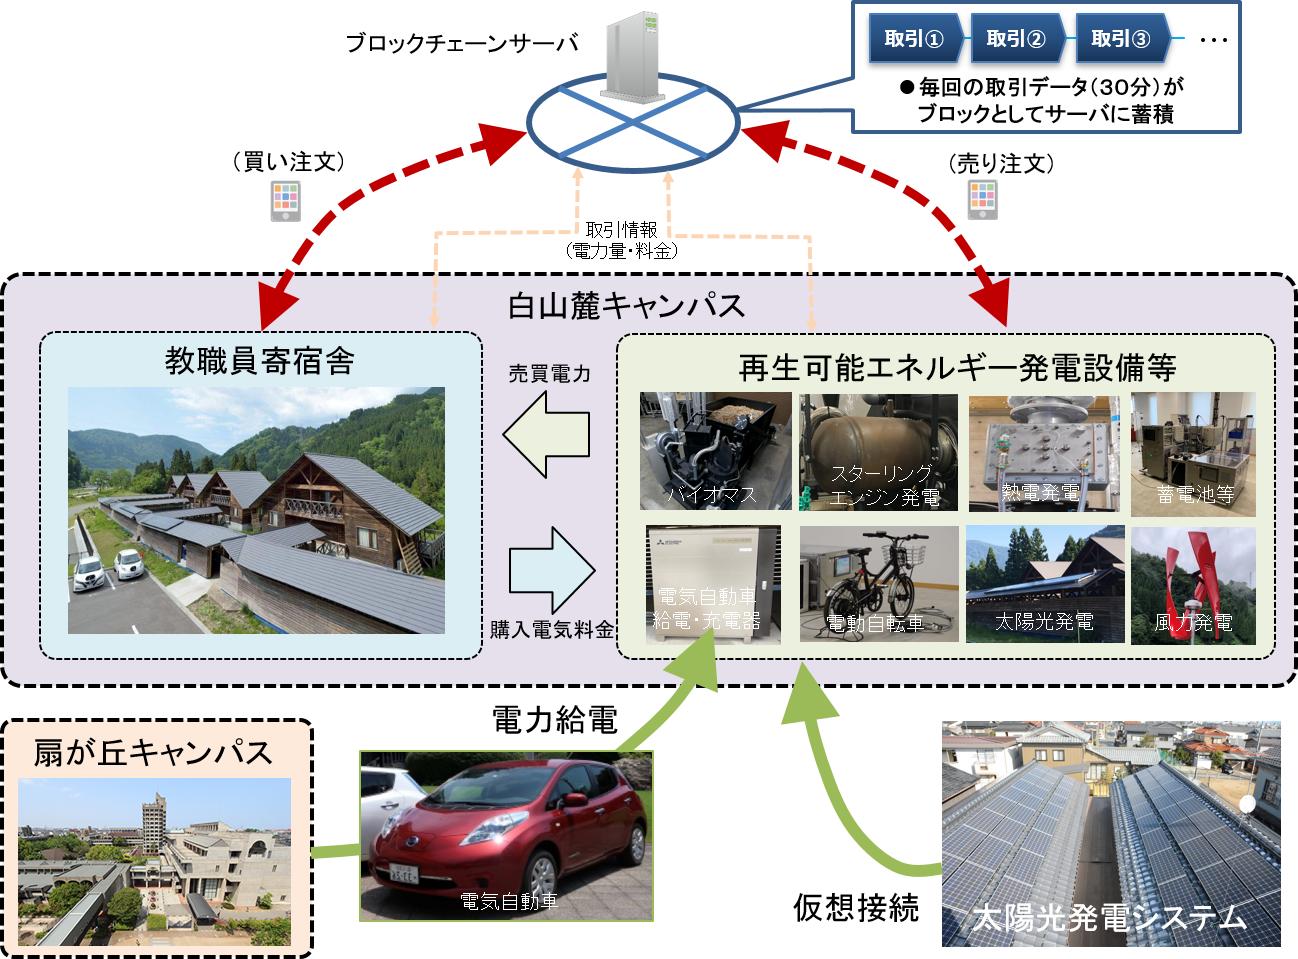 電気自動車を活用して、ブロックチェーン技術による電力直接取引の実証実験を実施。再生可能エネルギーを地産地消するエネルギーマネジメントプロジェクトにて